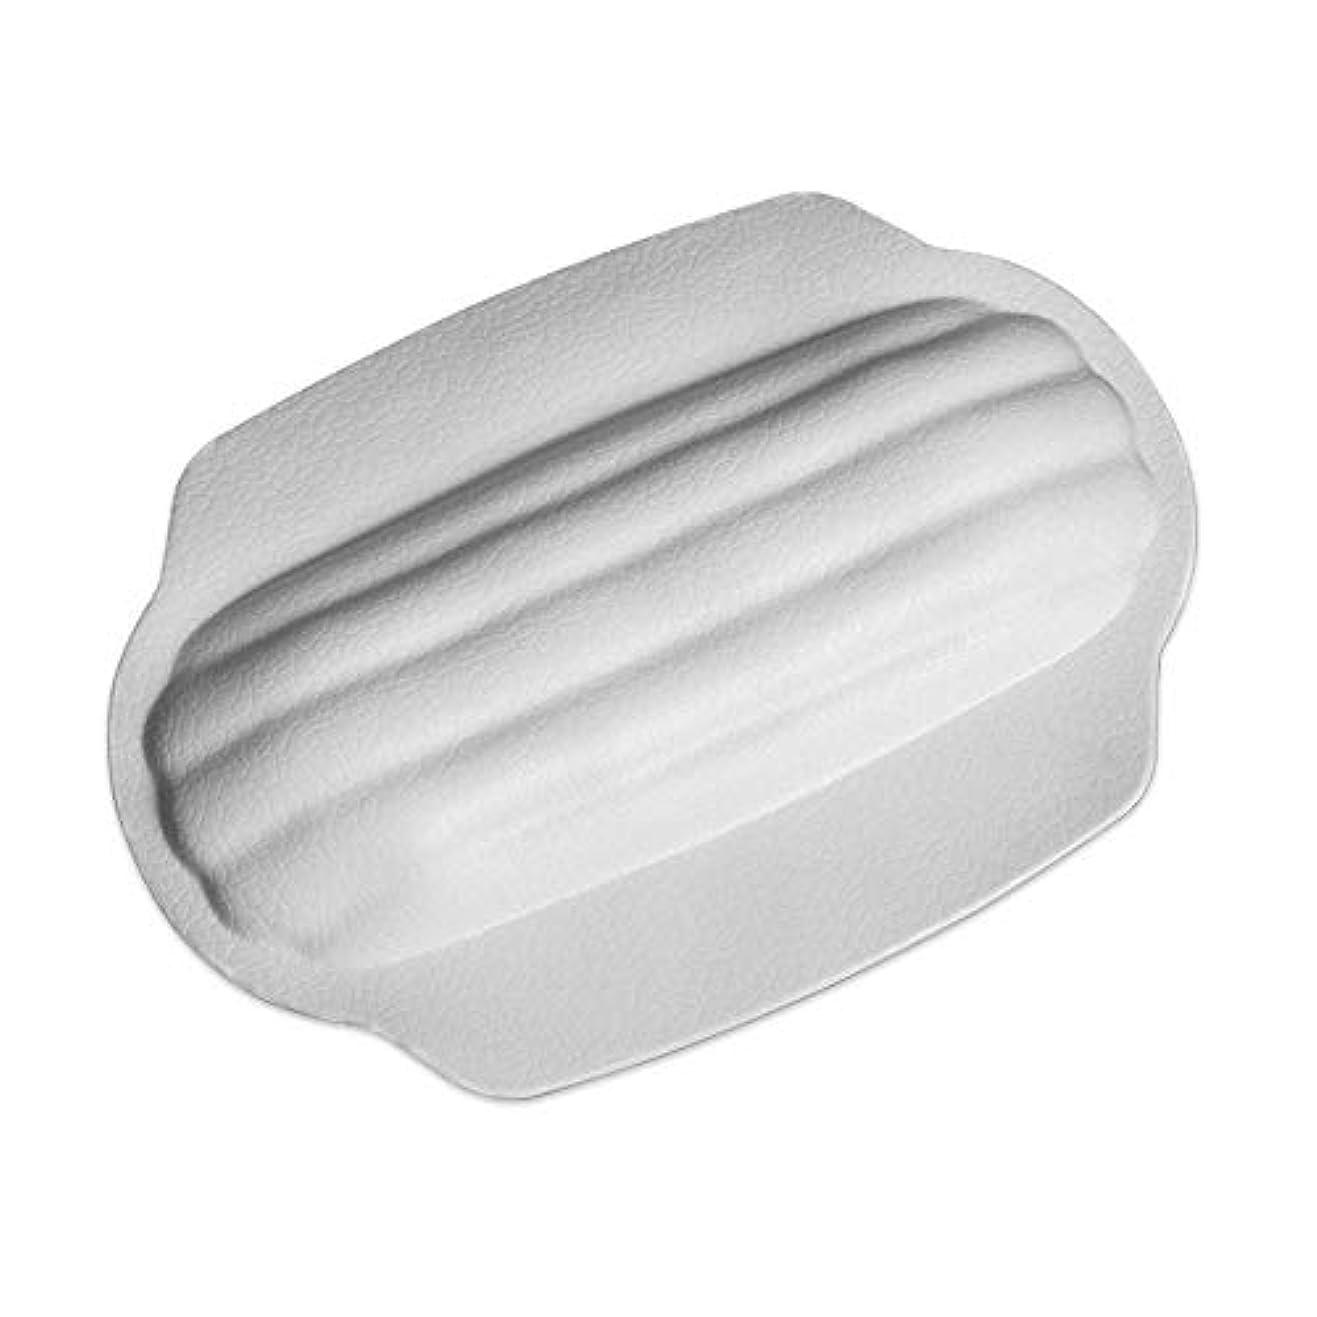 ペッカディロたまにドキュメンタリーサクションカップ付き防水滑り止めスパ枕厚めユニバーサルバスタブ枕バスタブと抗菌性